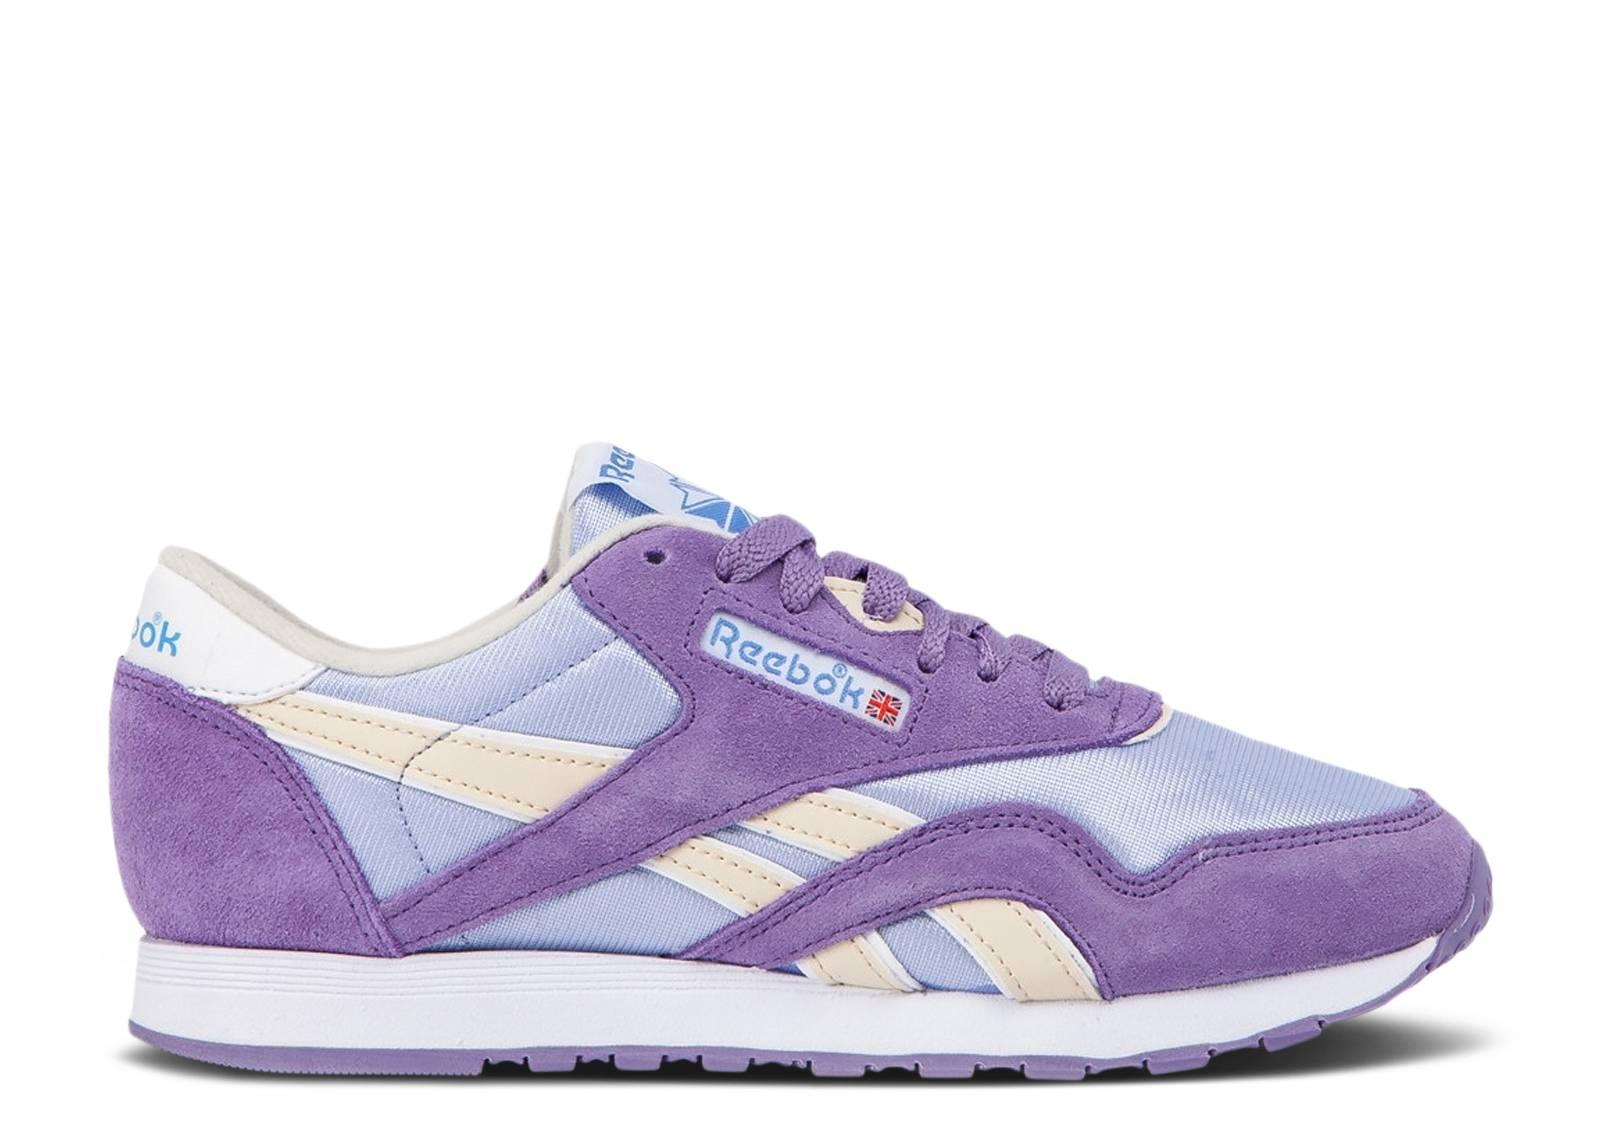 1daa060bea3 Cl Nylon - Reebok - cn5512 - frozen lilac smoky violet